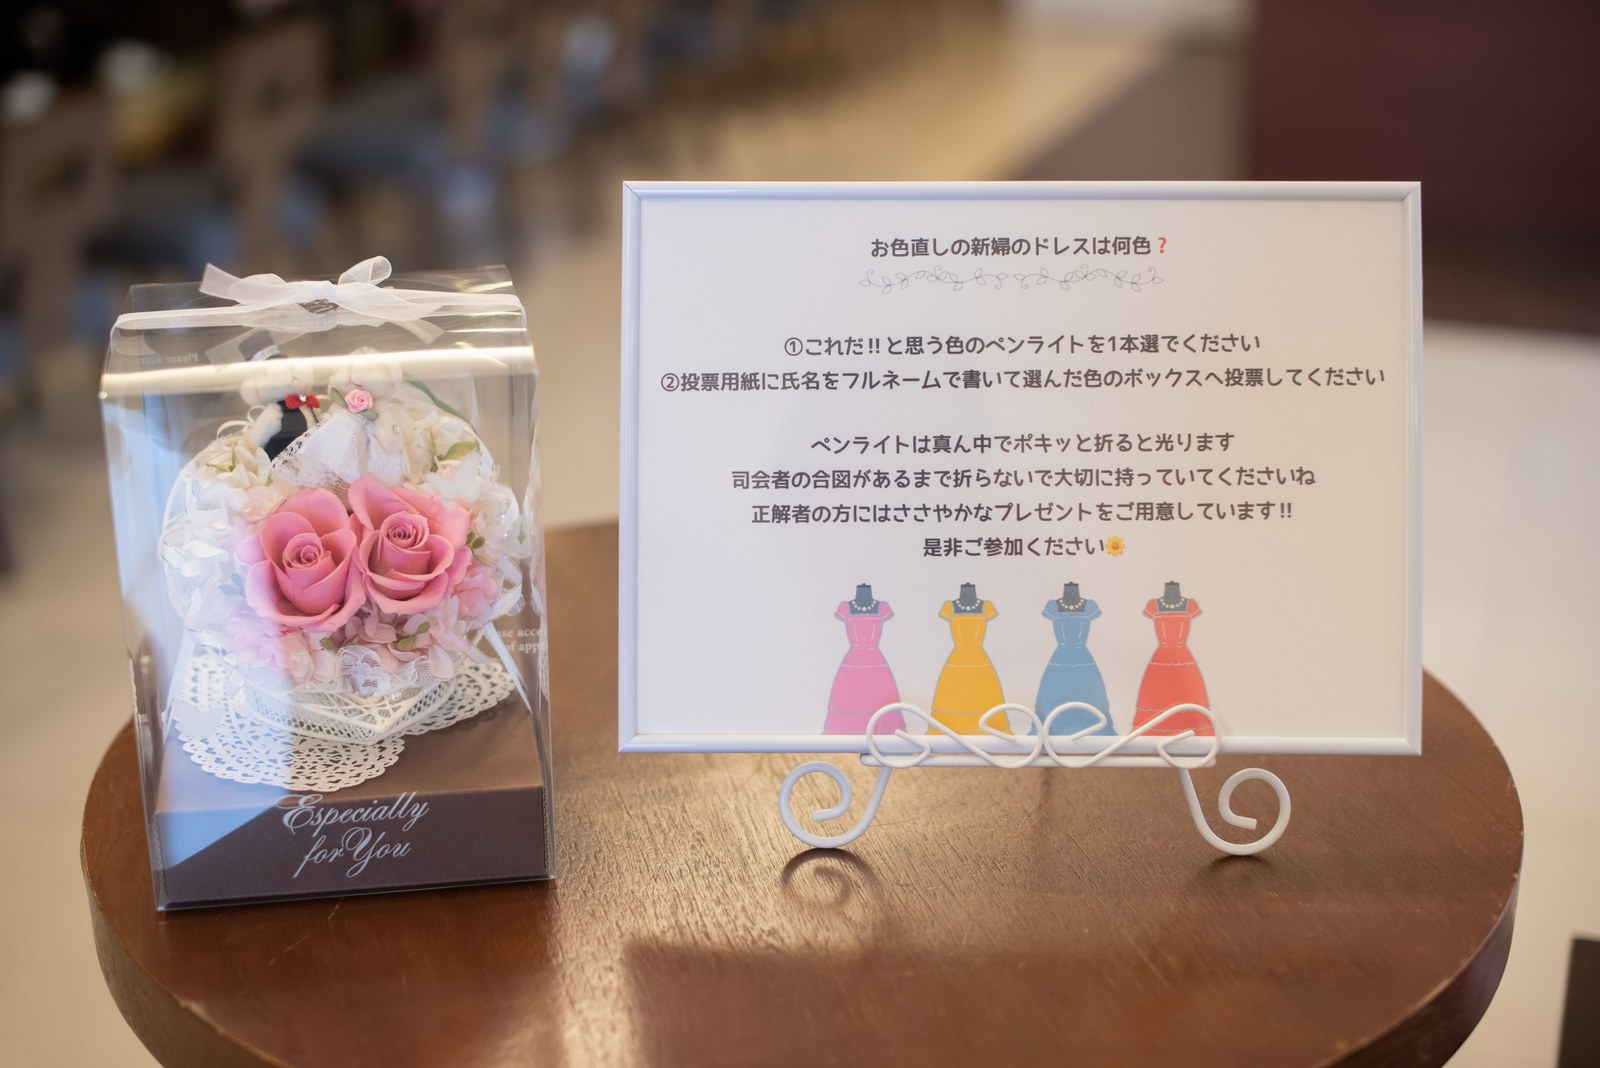 徳島市の結婚式場ブランアンジュで手作りしたドレス色当てクイズの説明文